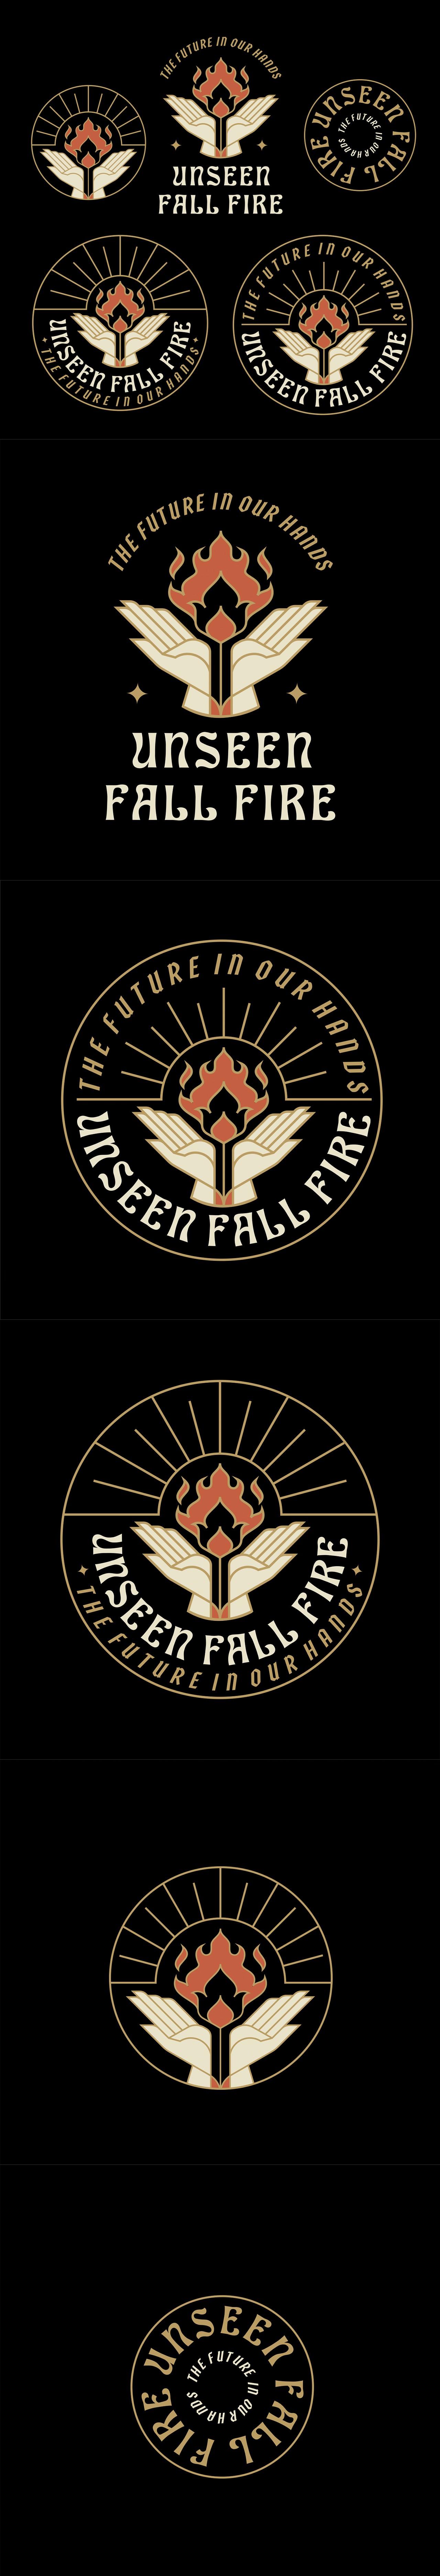 Unseen Fall Fire Event Pack